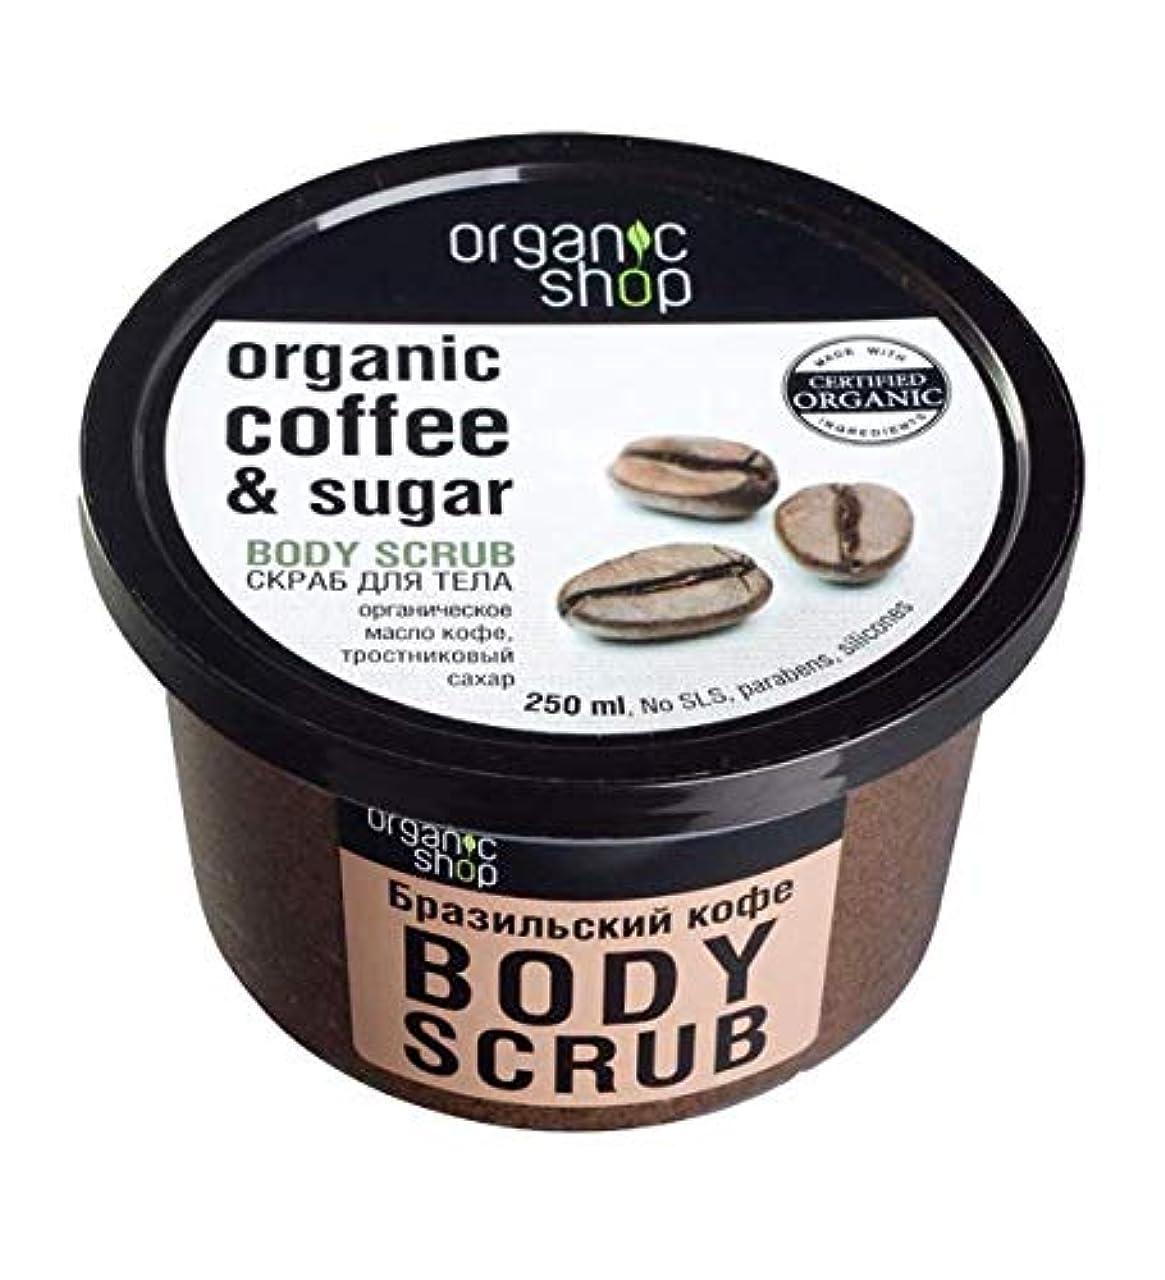 進行中泣いている馬力【話題沸騰中】ロシア産 ORGANIC SHOP オーガニック ショップ ボディスクラブ coffee&sugar 250ml 「ブラジルコーヒー」